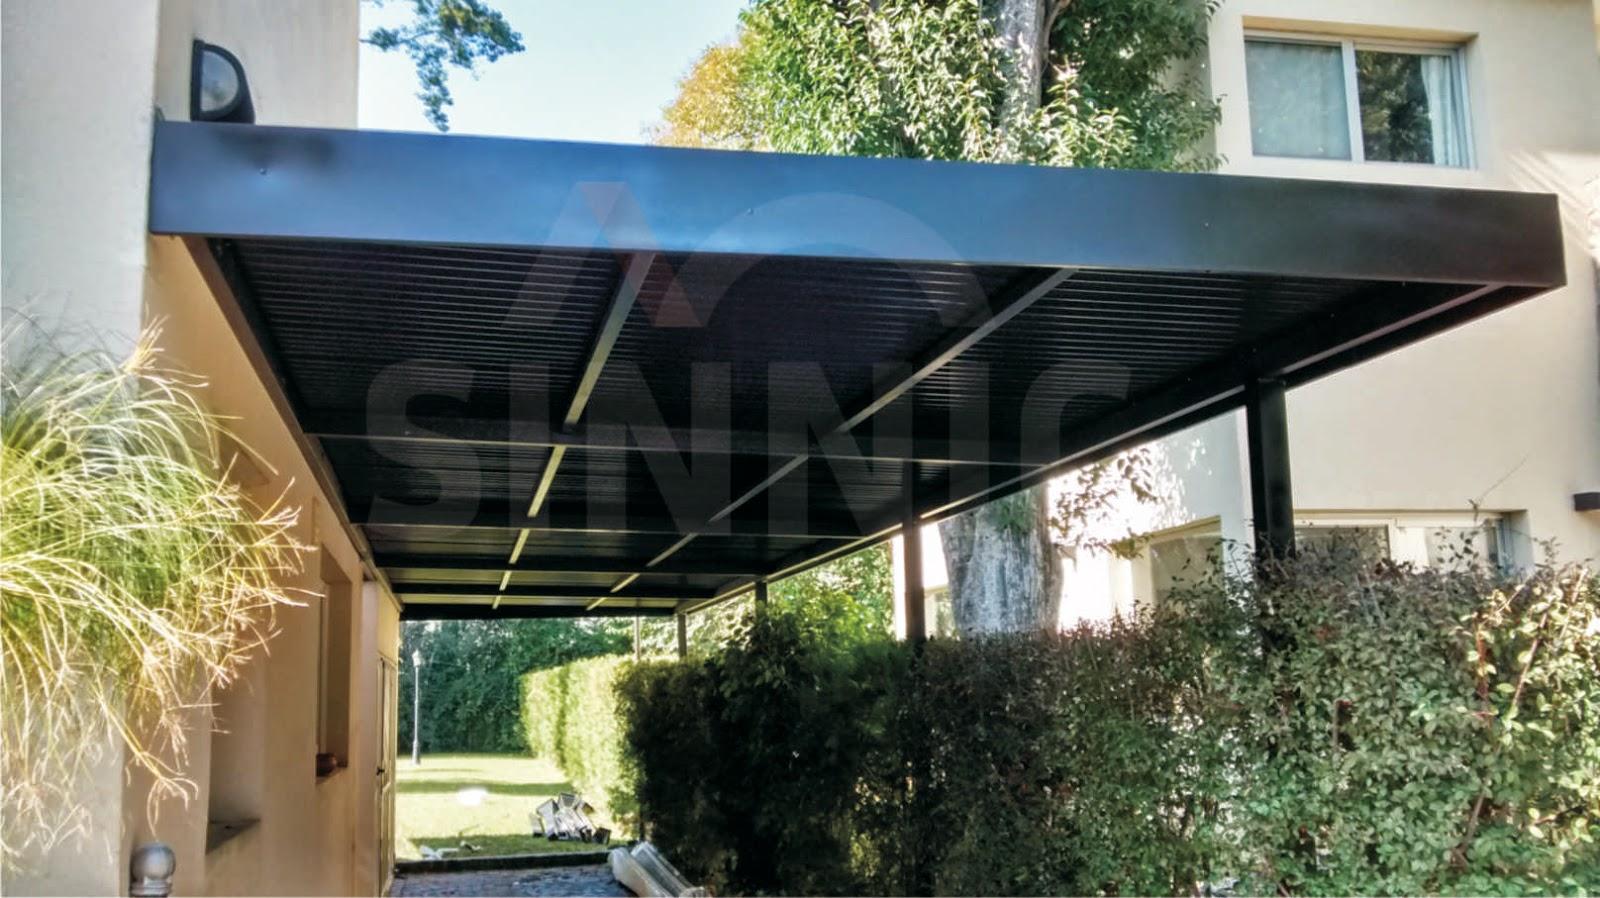 Techo de policarbonato pergolas aleros techo de chapa for Techos de policarbonato para balcones